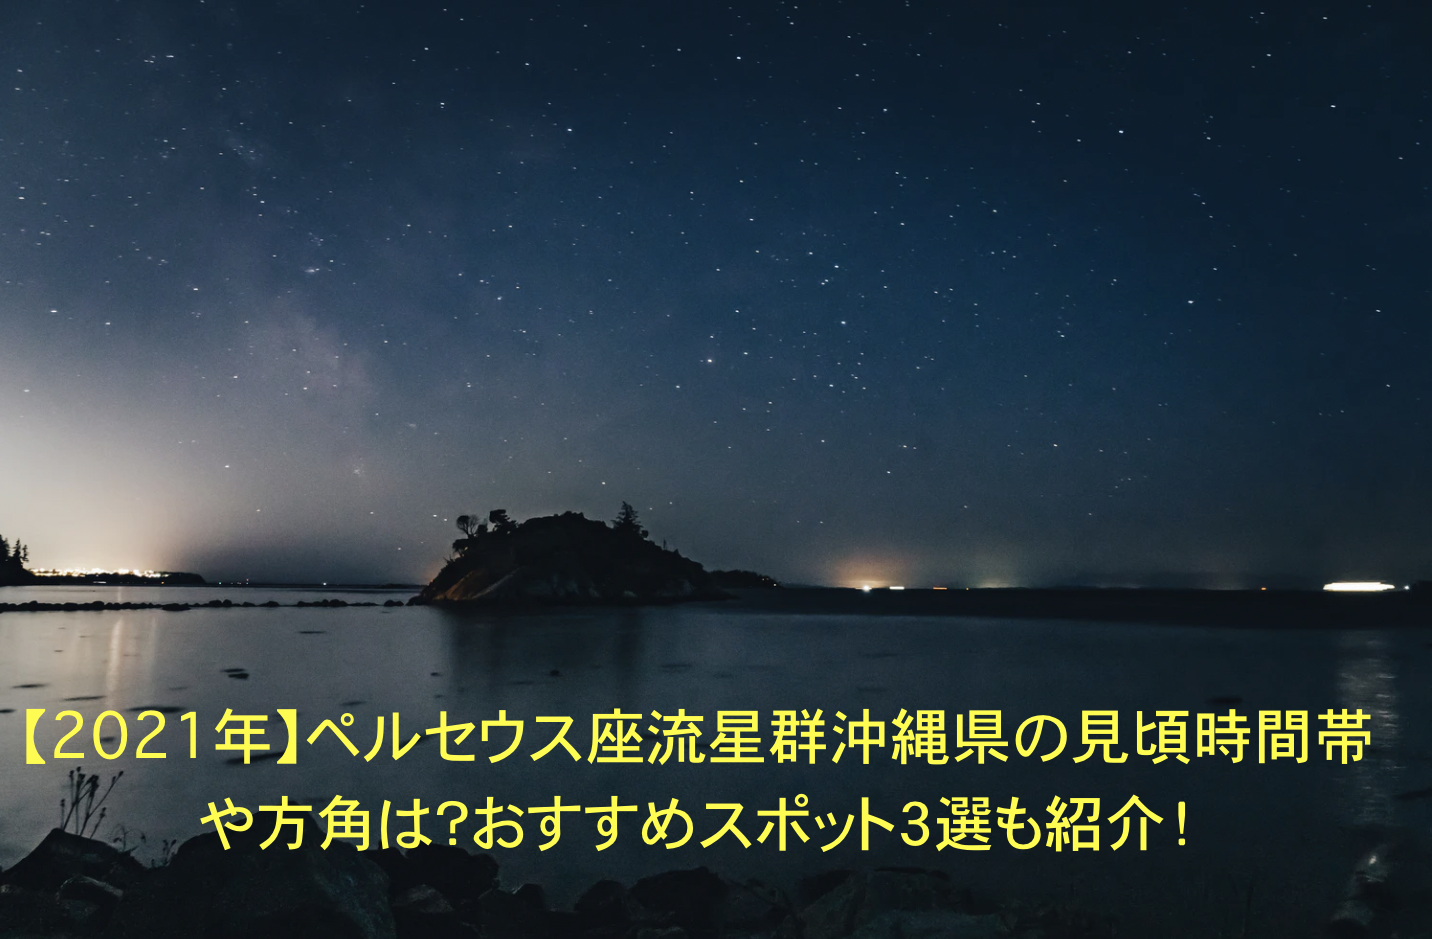 ペルセウス座流星群 沖縄県 見頃時間帯 方角 おすすめスポット